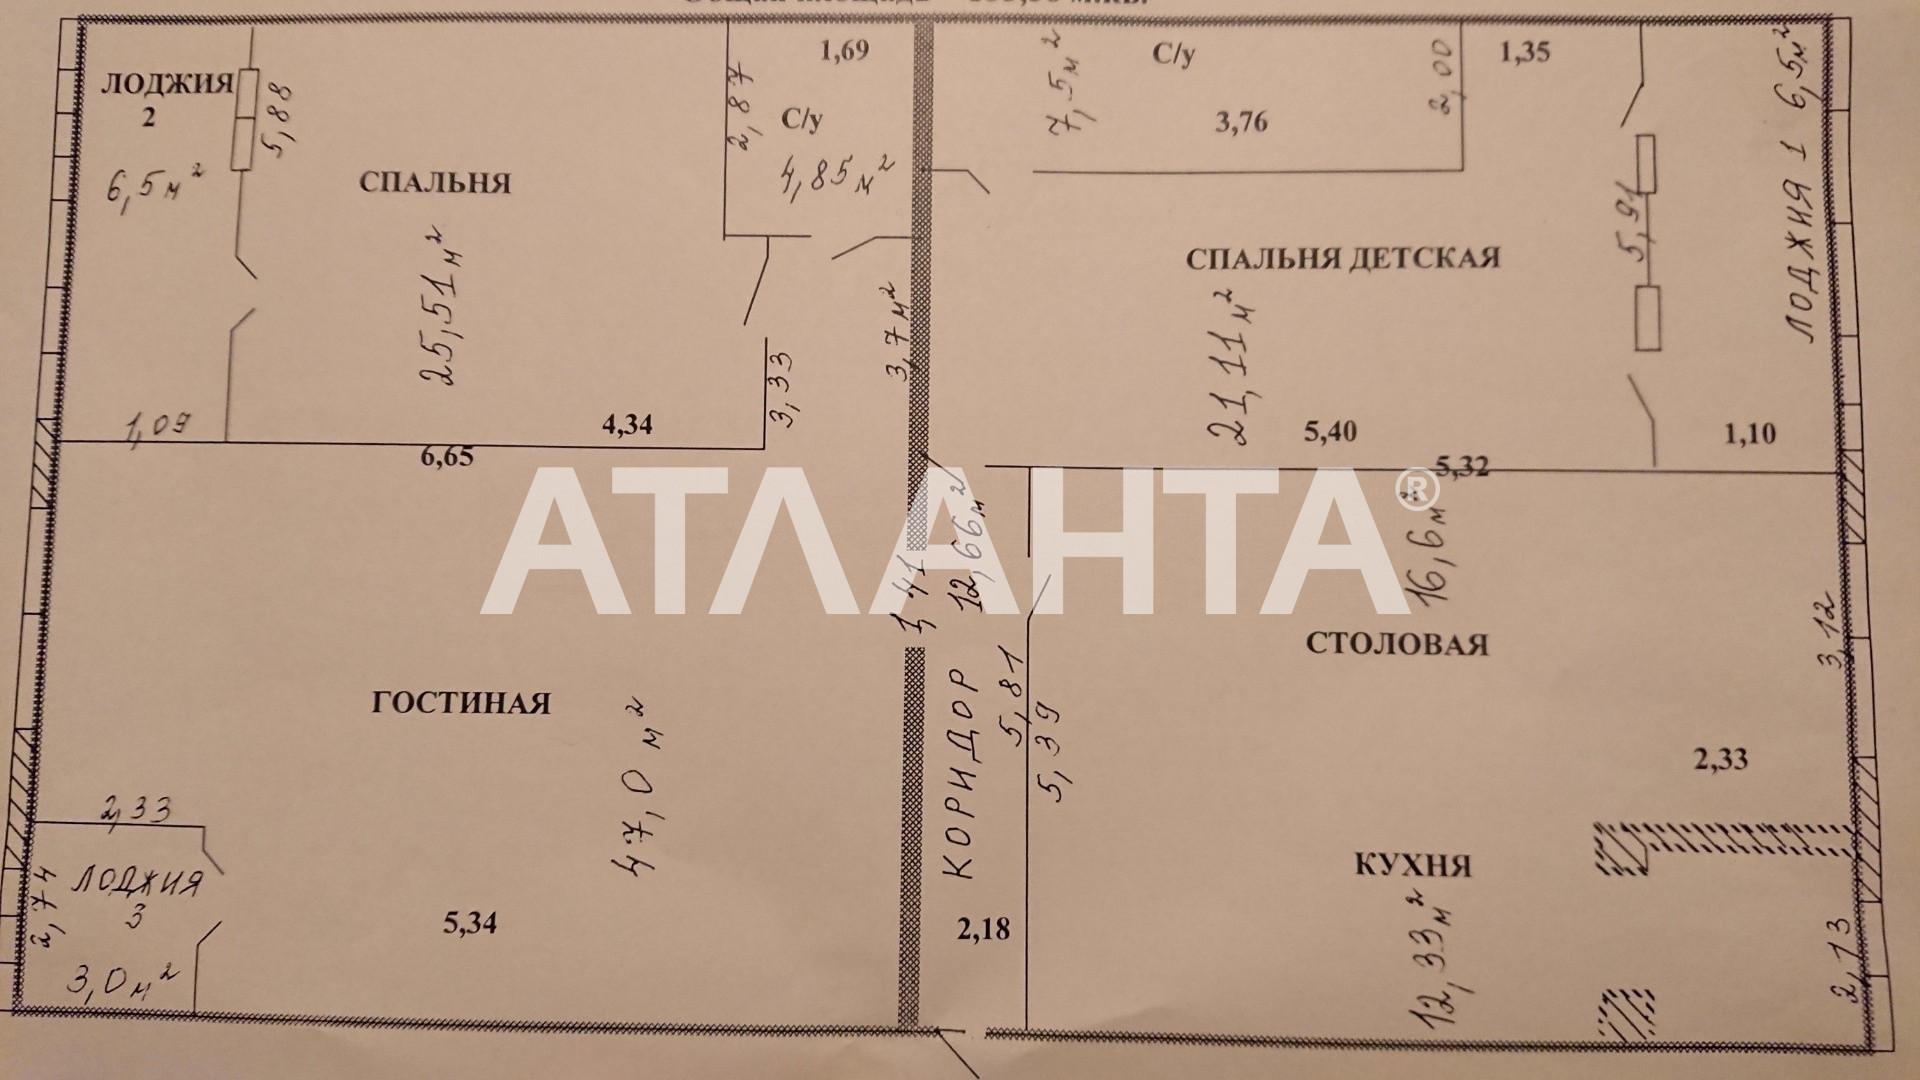 Продается 3-комнатная Квартира на ул. Просп. Героев Сталинграда — 158 000 у.е. (фото №10)